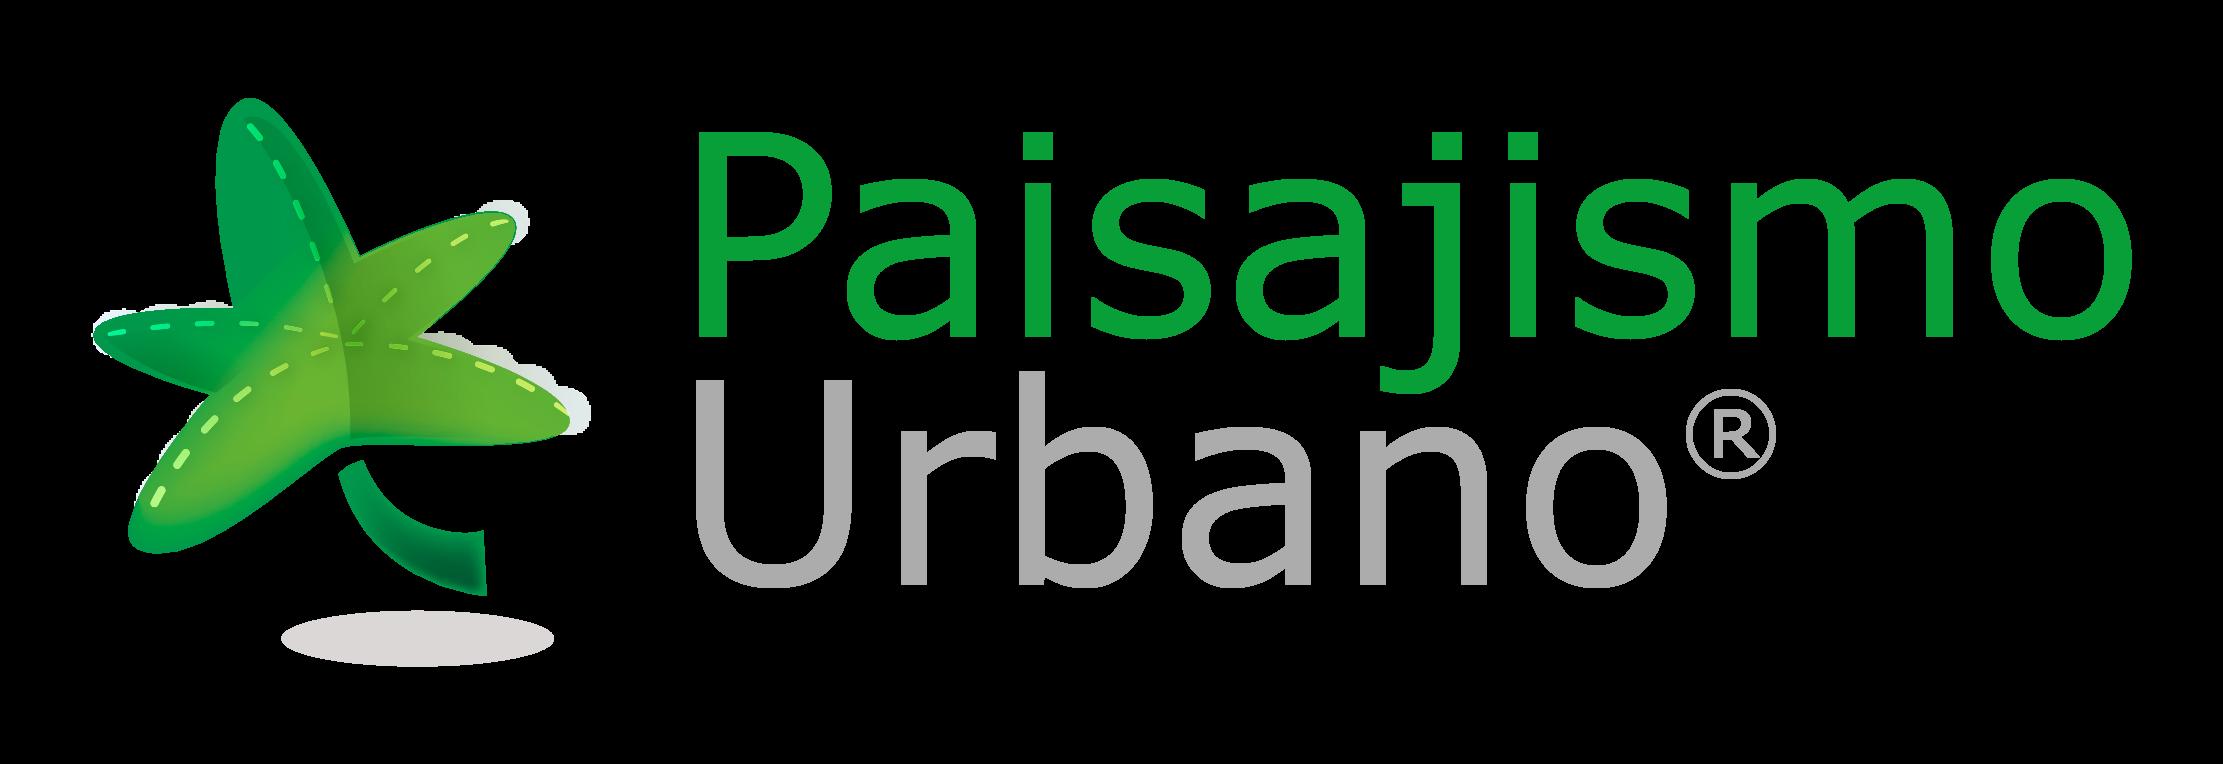 logo_paisajismo_urbano